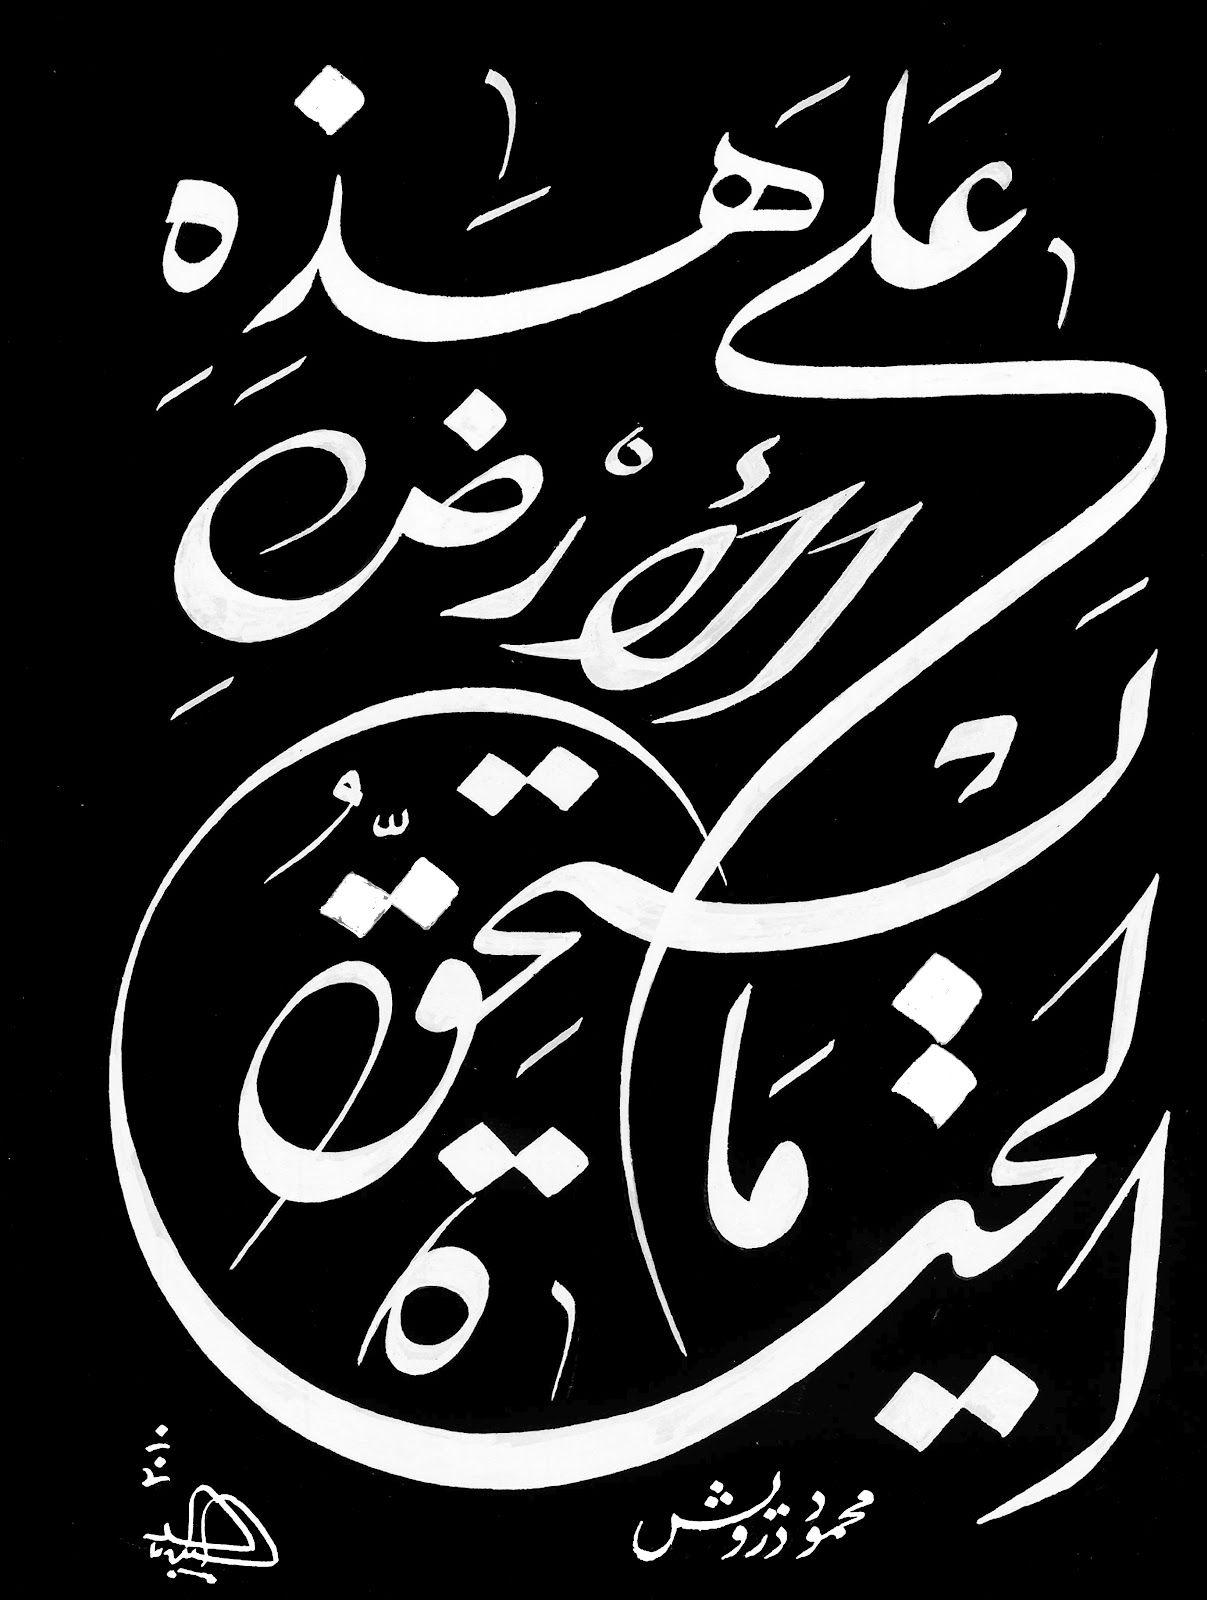 على هذه الارض ما يستحق الحياة محمود درويش Arabic Calligraphy